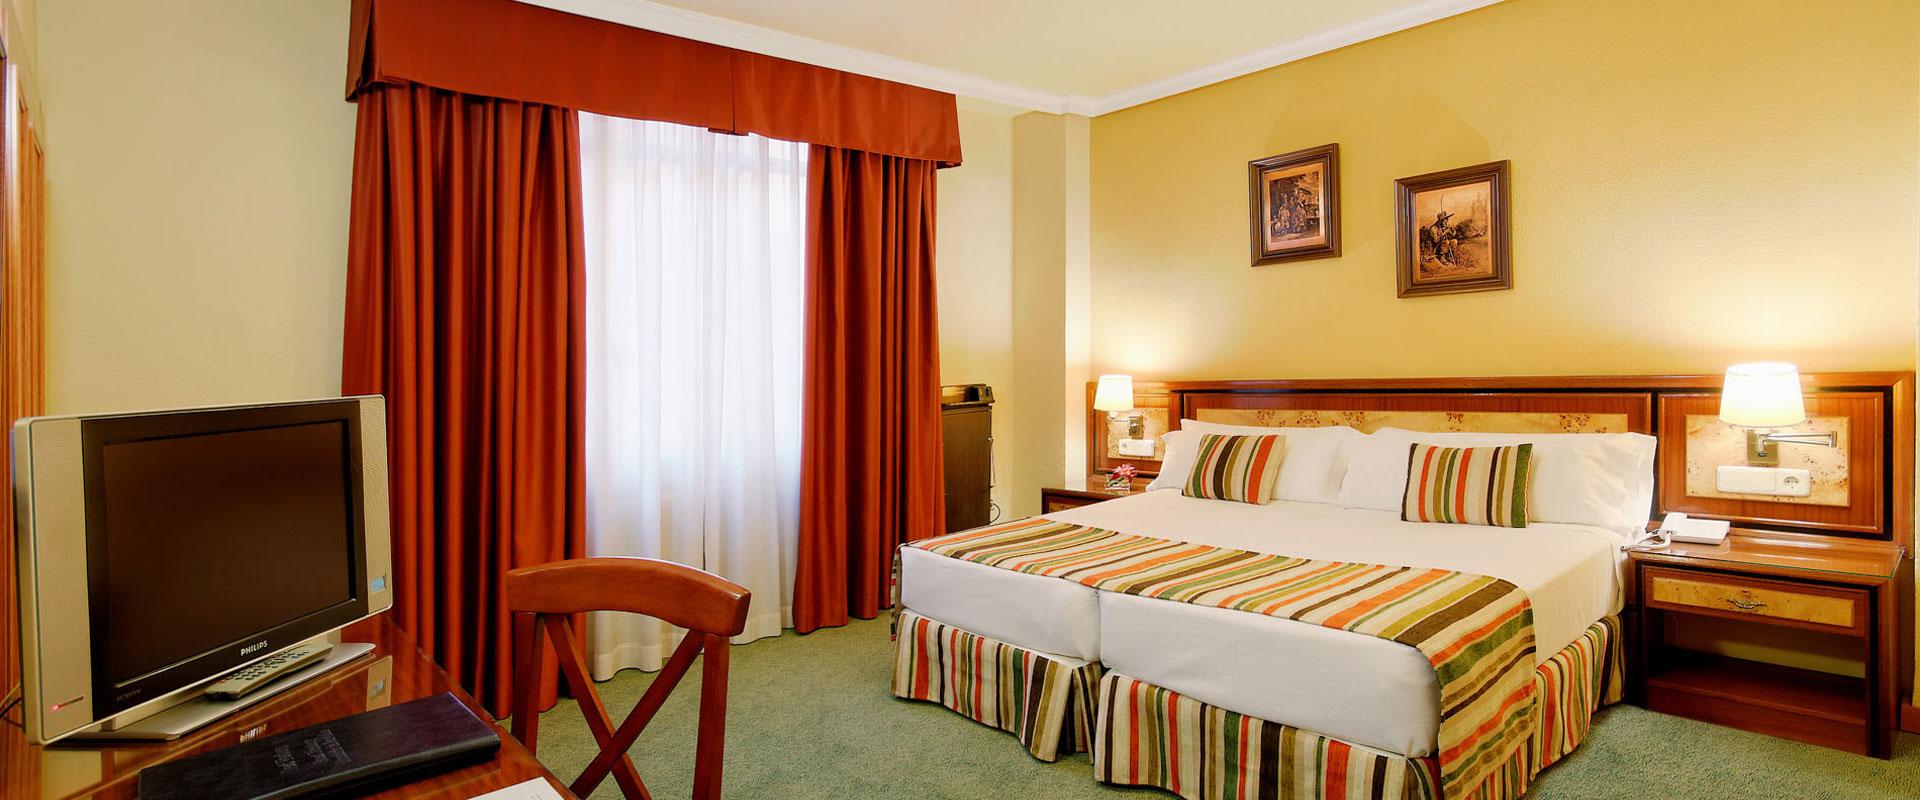 Habitación doble dos camas separadas del hotel Mayorazgo